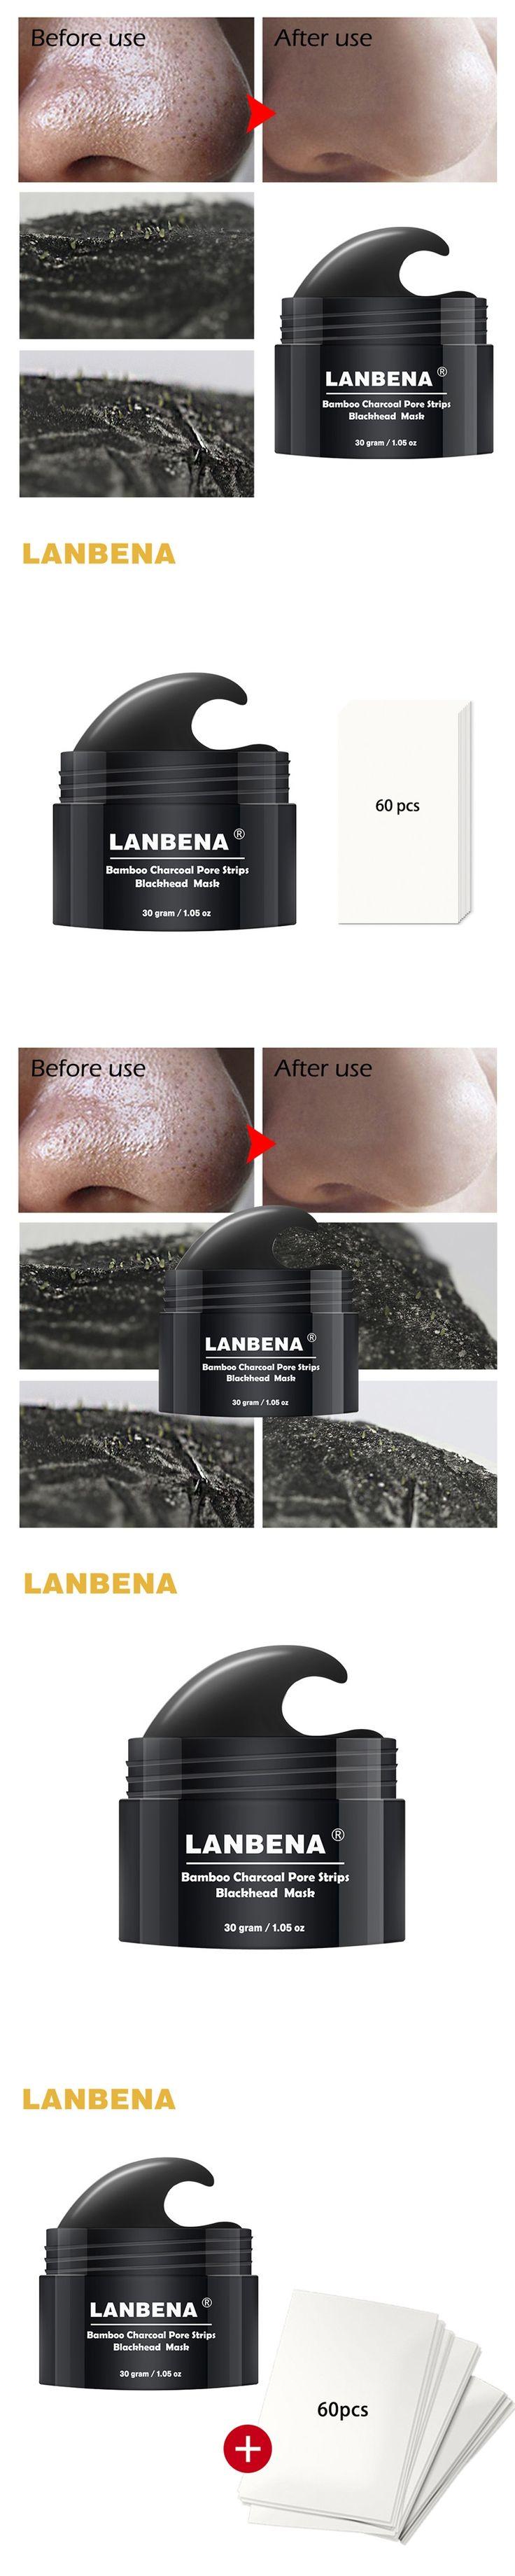 LANBENA Black Mask Blackhead Remover Nose Peel Mask Acne Treatment Pore Strip Peel off Blackhead Mask for the Face 60pcs Paper